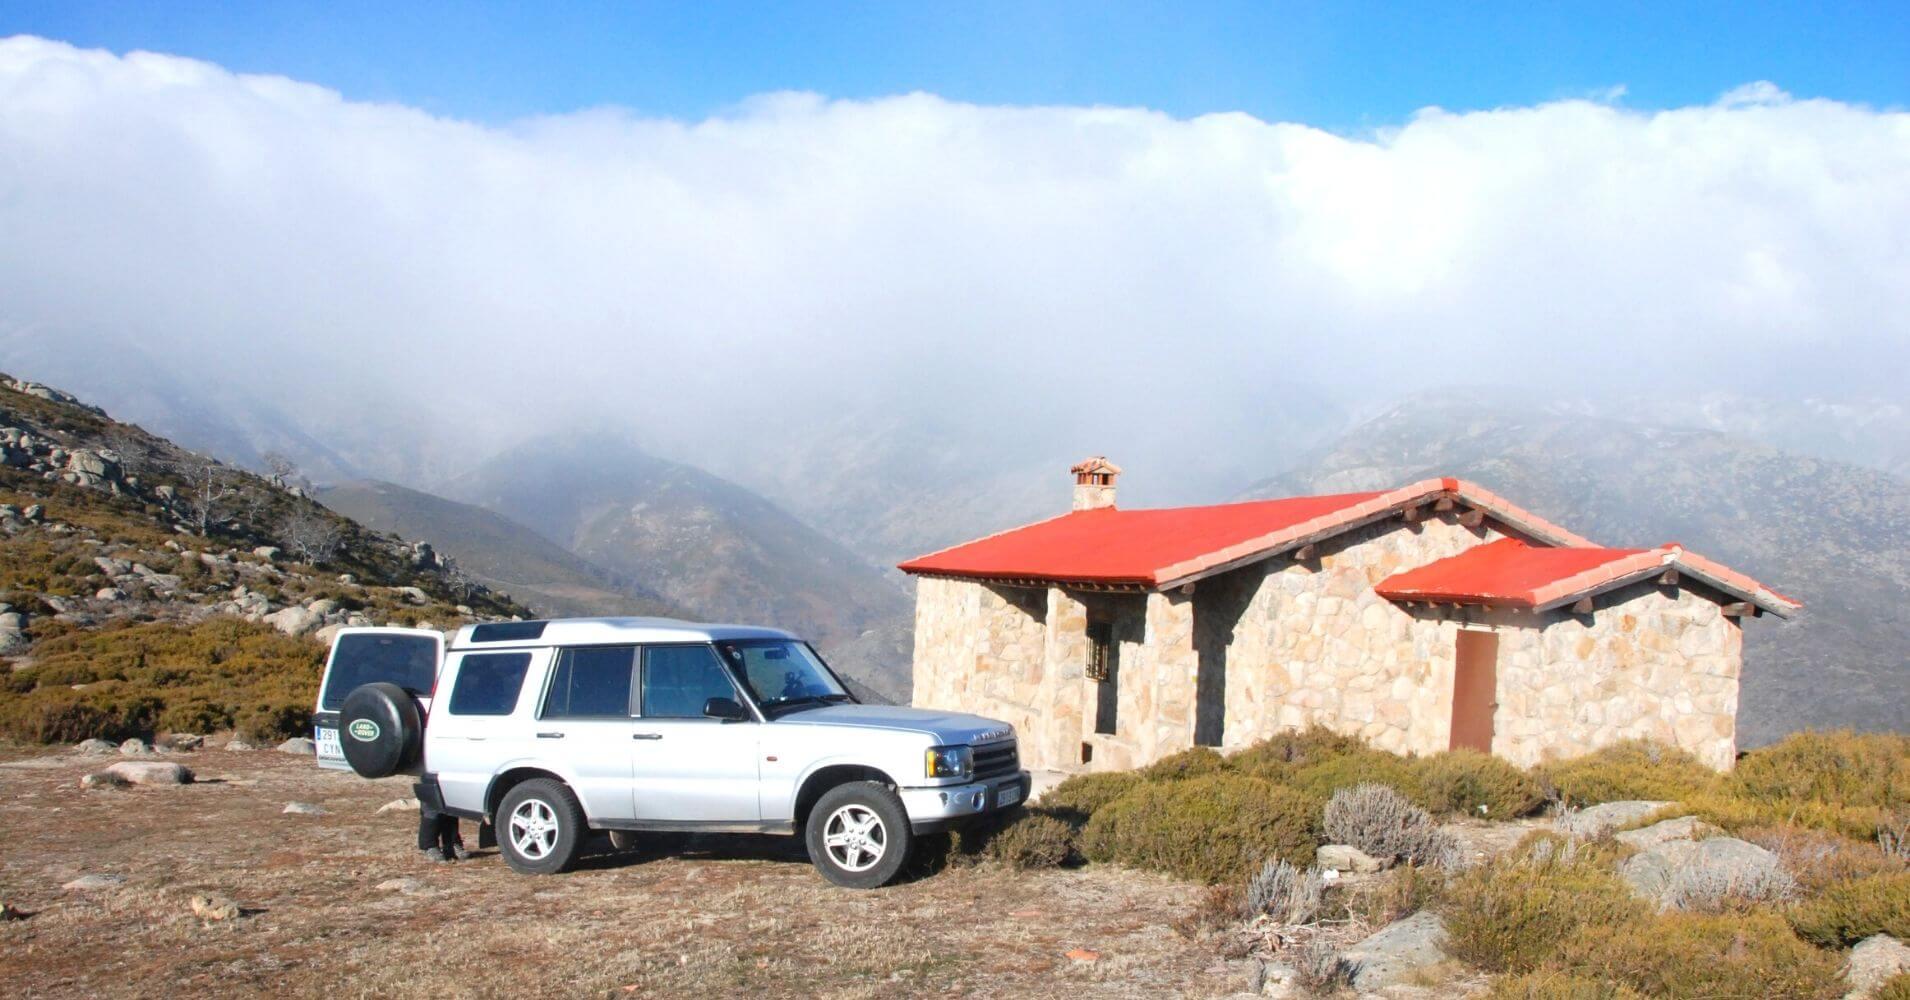 Ruta 4X4 Refugio del Brezo. Valle de la Vera. Losar de la Vera. Cáceres. Extremadura.